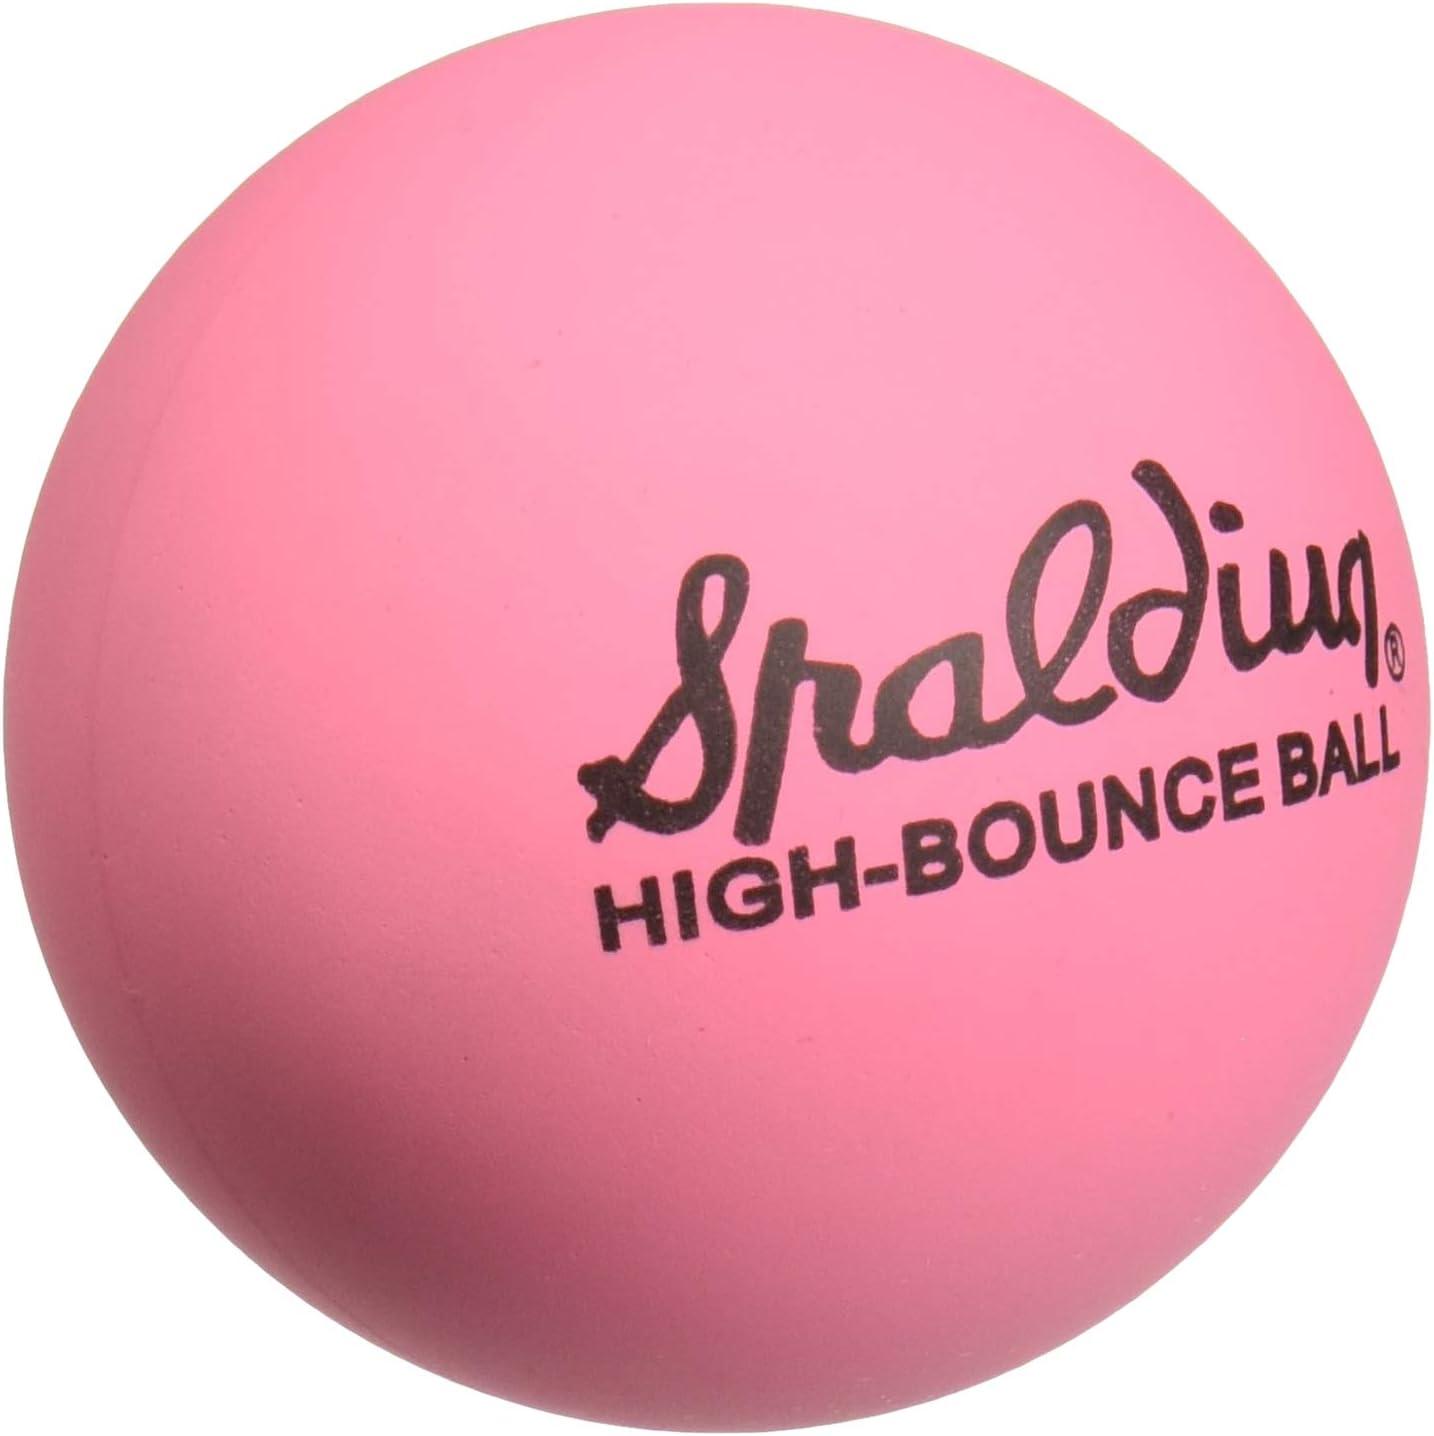 Spalding High Bounce Ball: Amazon.es: Juguetes y juegos